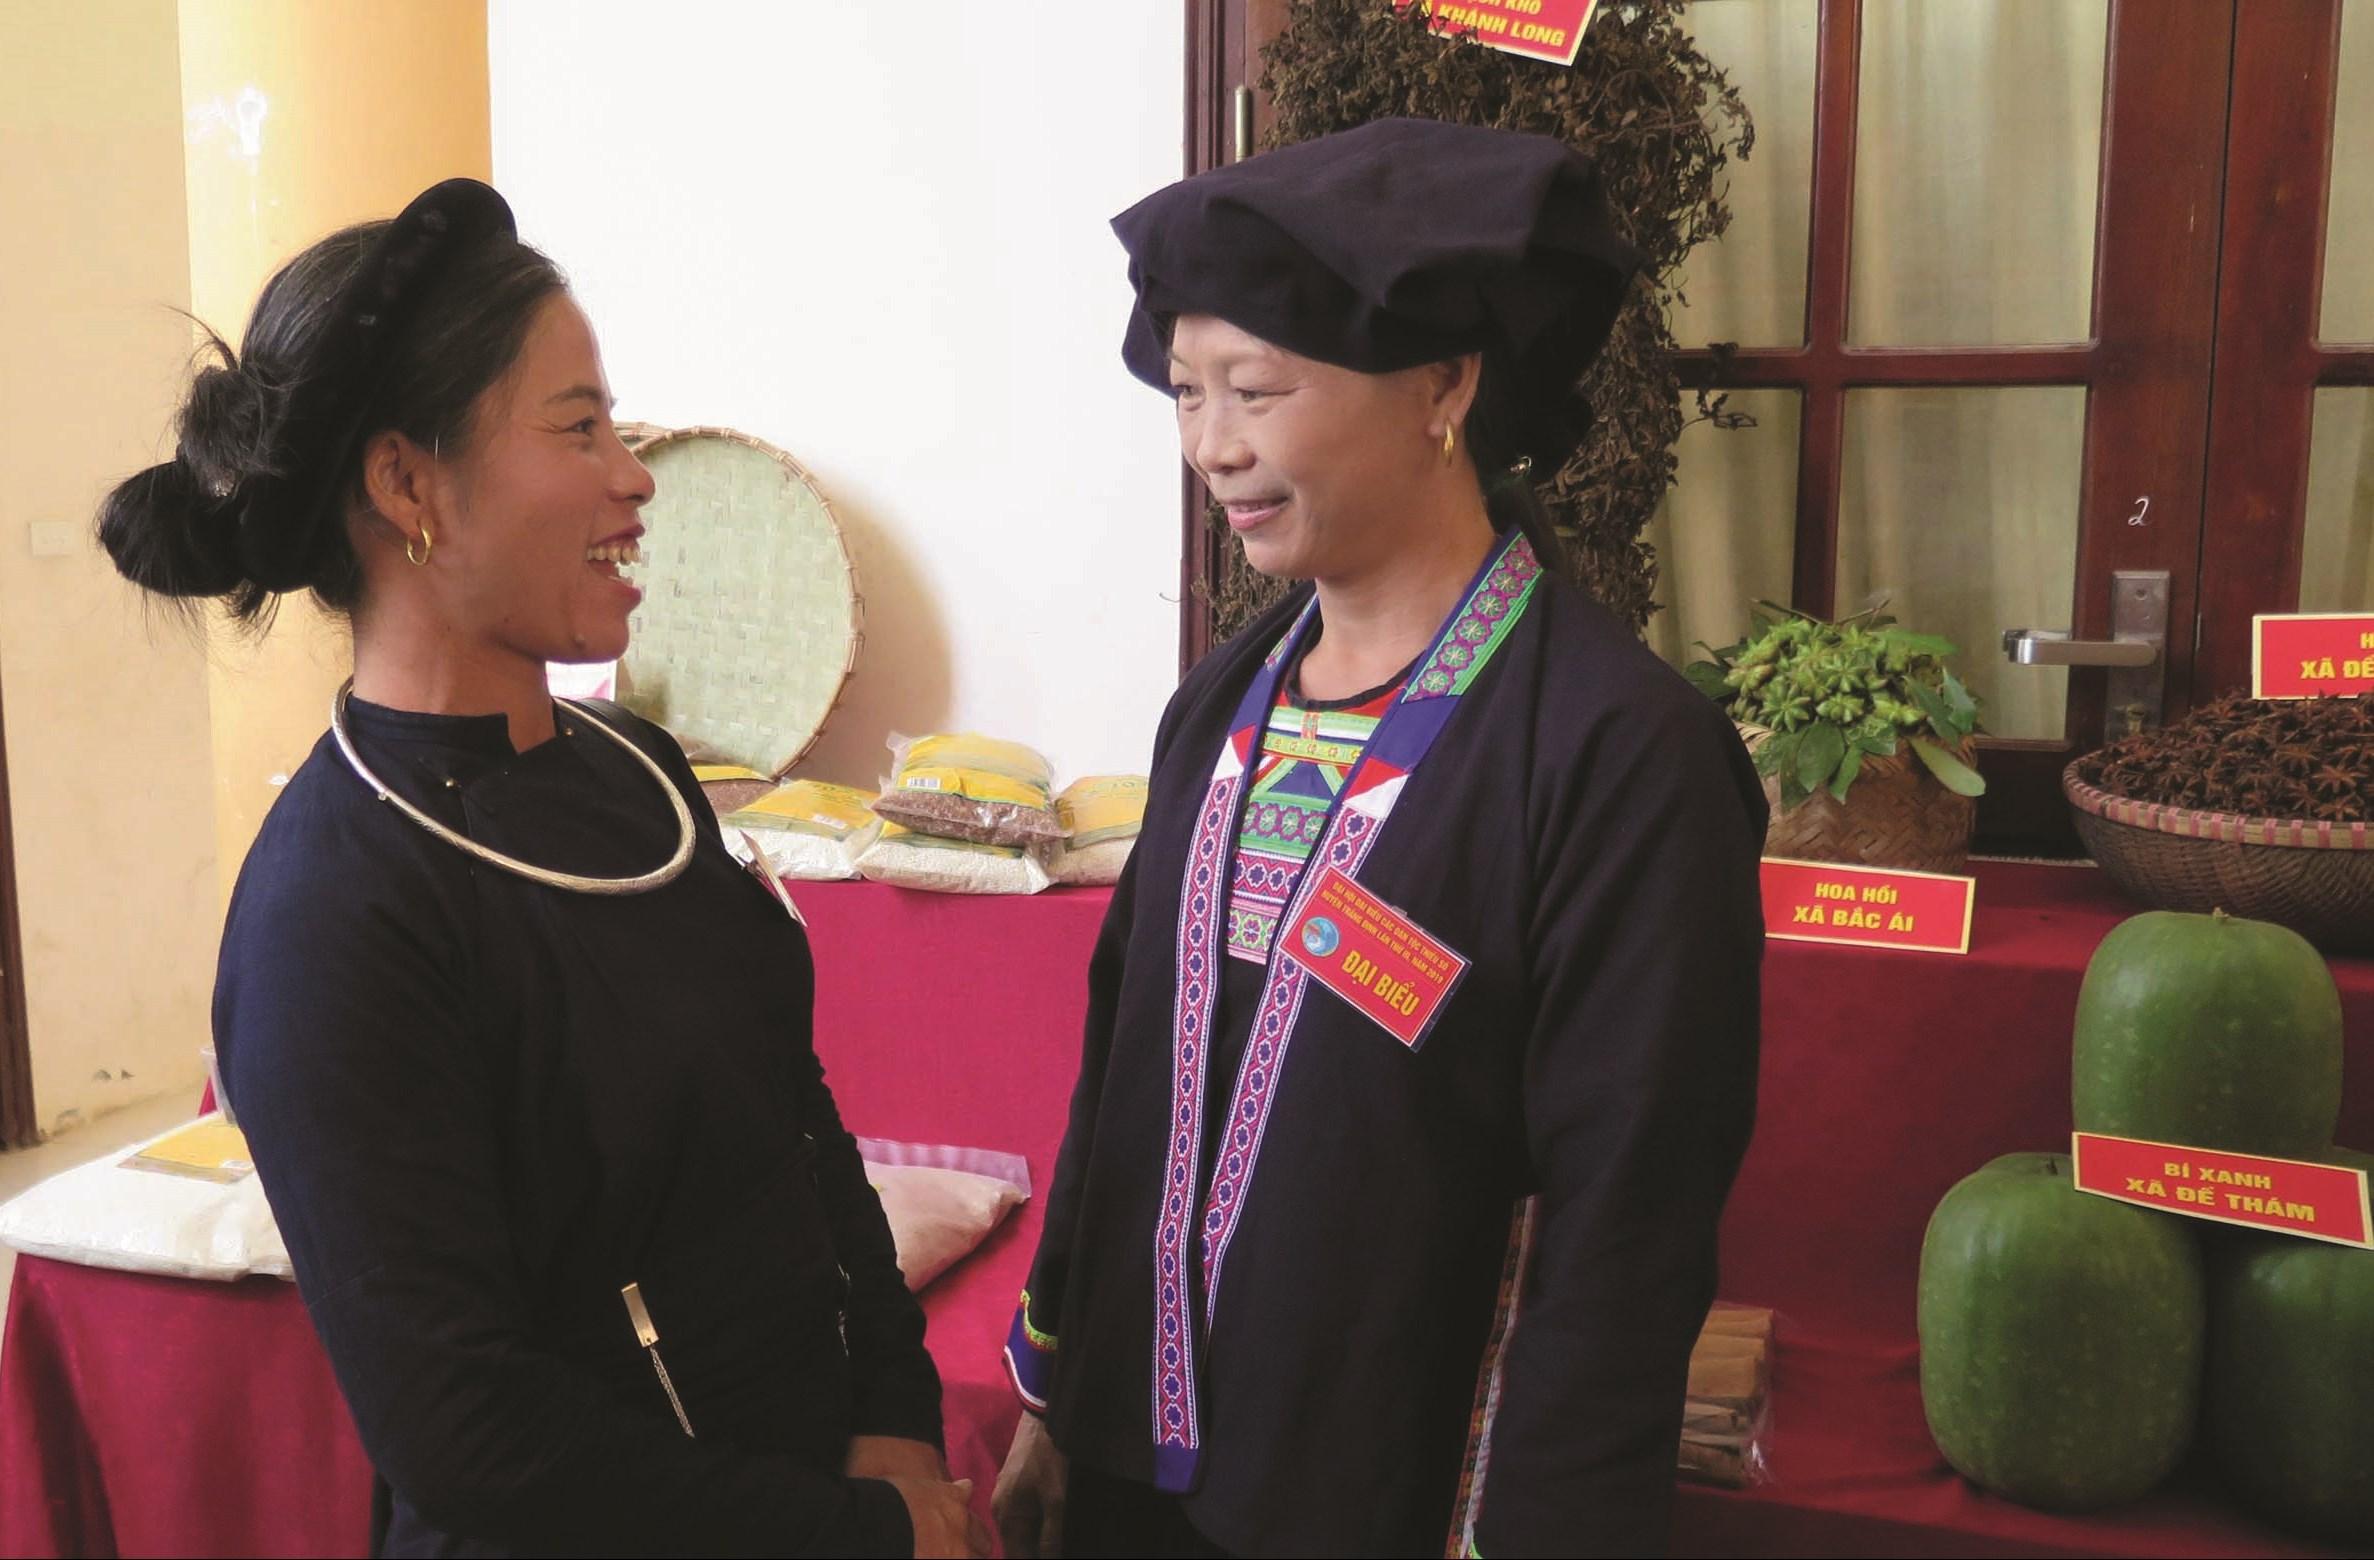 Chị Vi Thị Thu Hà (bên phải) trò chuyện với đại biểu tham dự Đại hội Đại biểu các DTTS huyện Tràng Định lần thứ III năm 2019